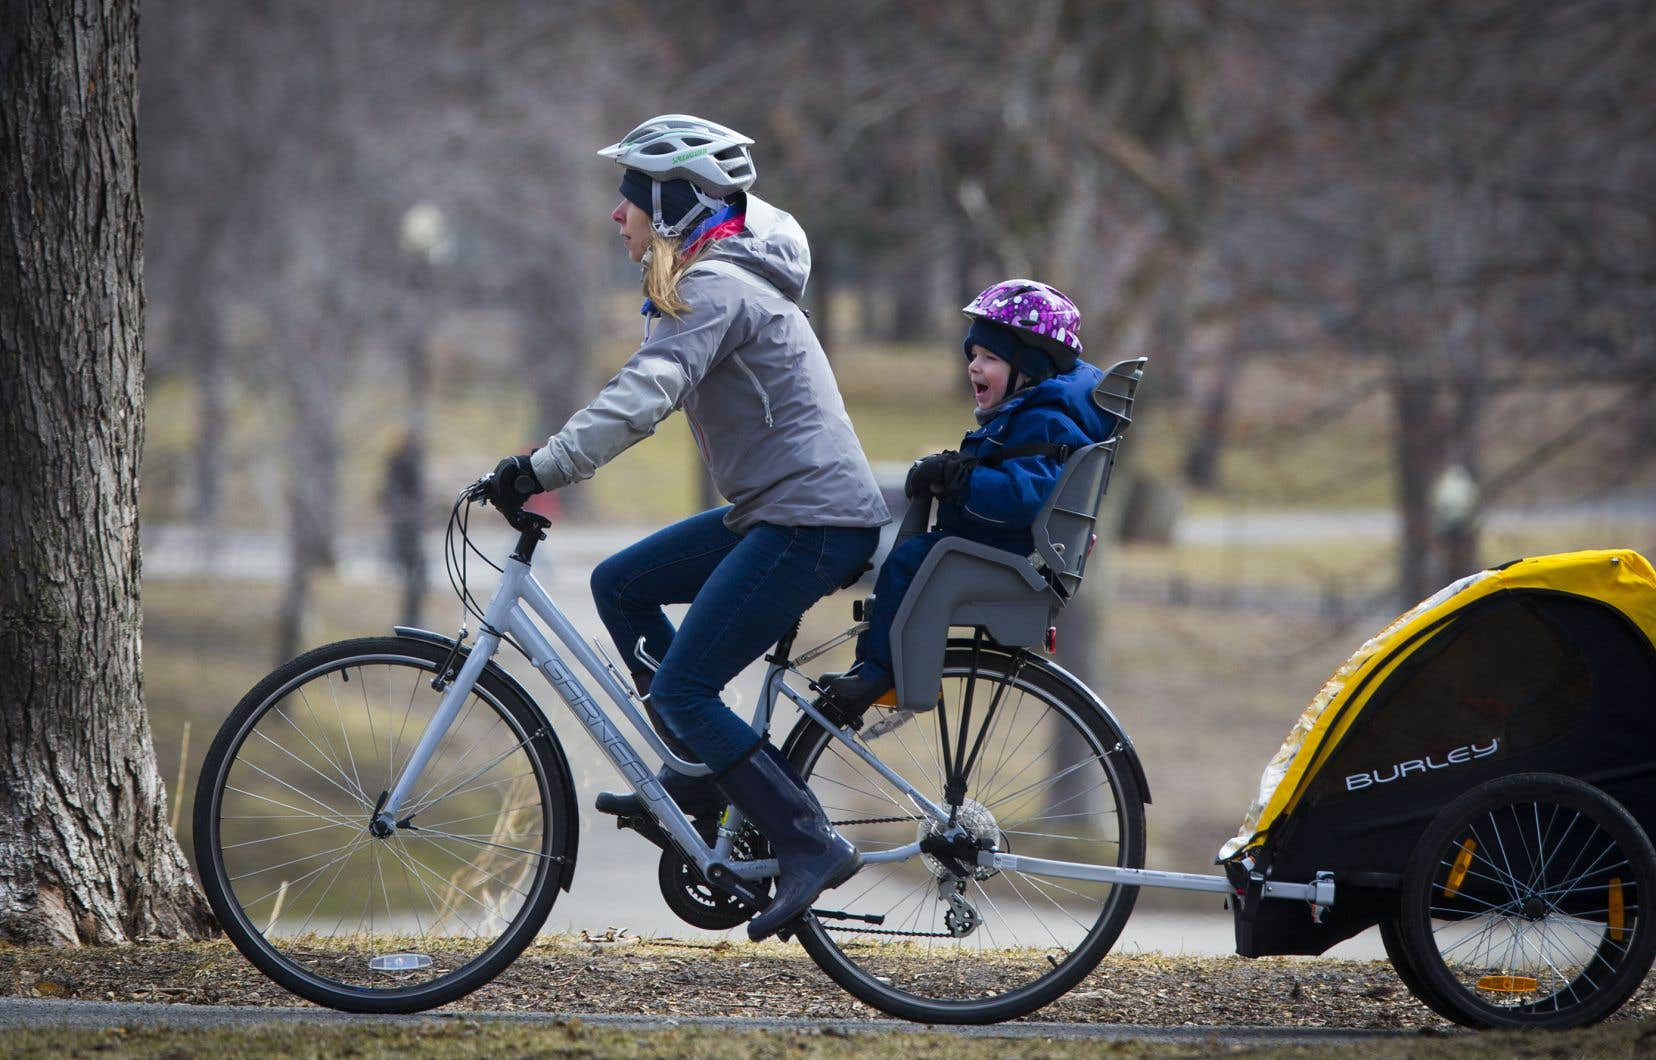 Sans la possibilité de voyager, nombre de Montréalais risquent de passer leur été dans la métropole avec l'envie de la découvrir à pied ou à vélo.